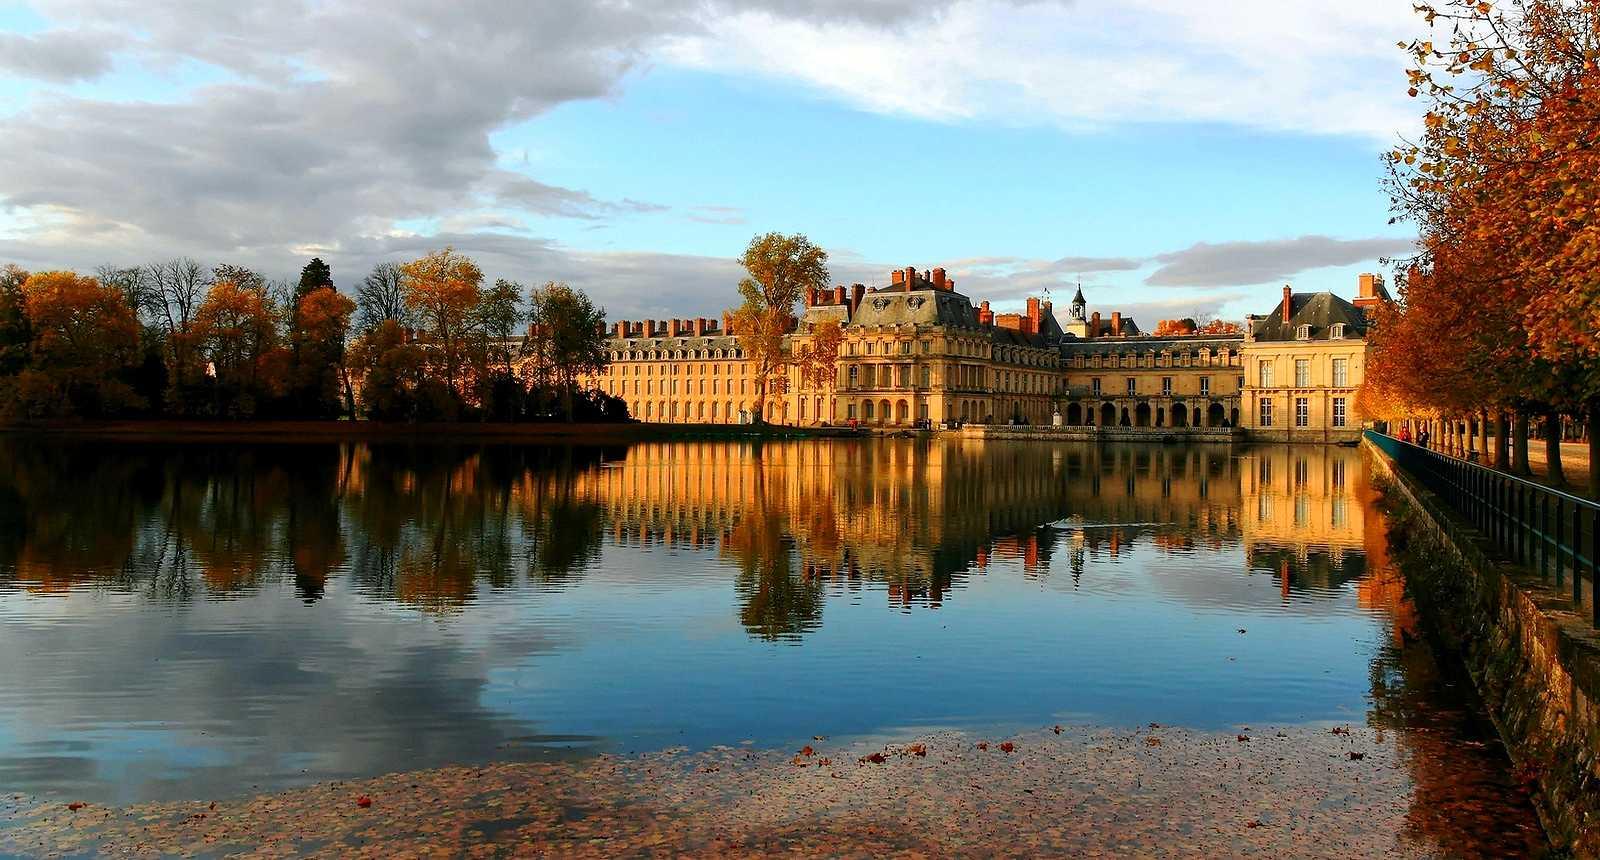 Parcs jardins botaniques arboretums seine et marne 77 for Jardin anglais chateau fontainebleau